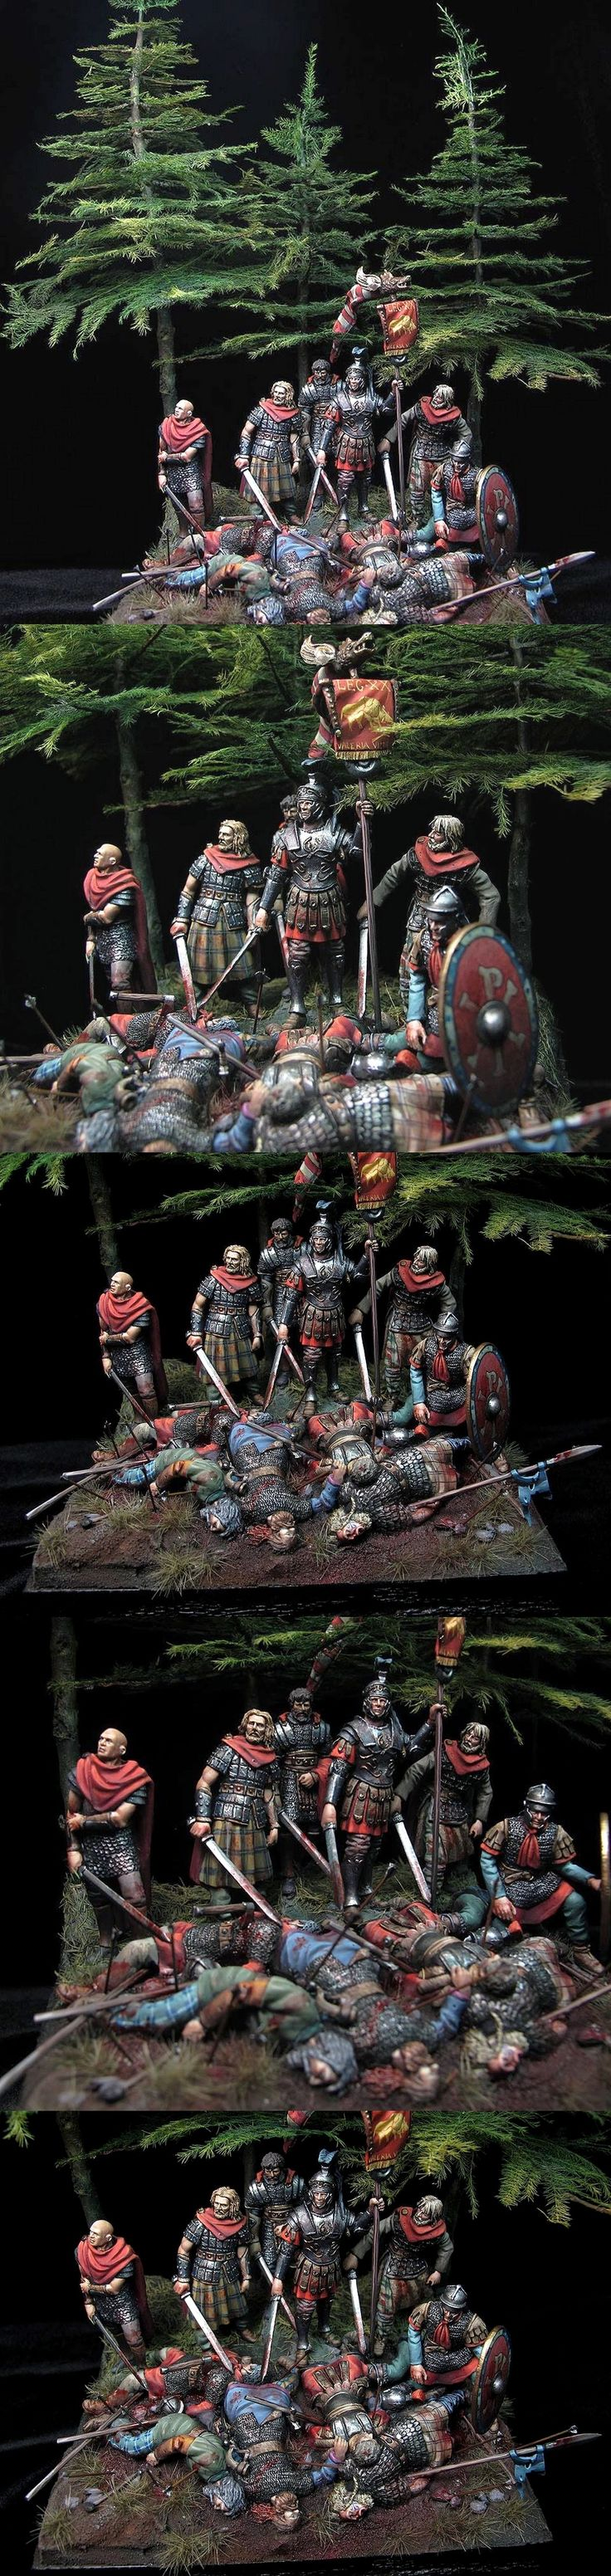 Roman soldiers post battle scene